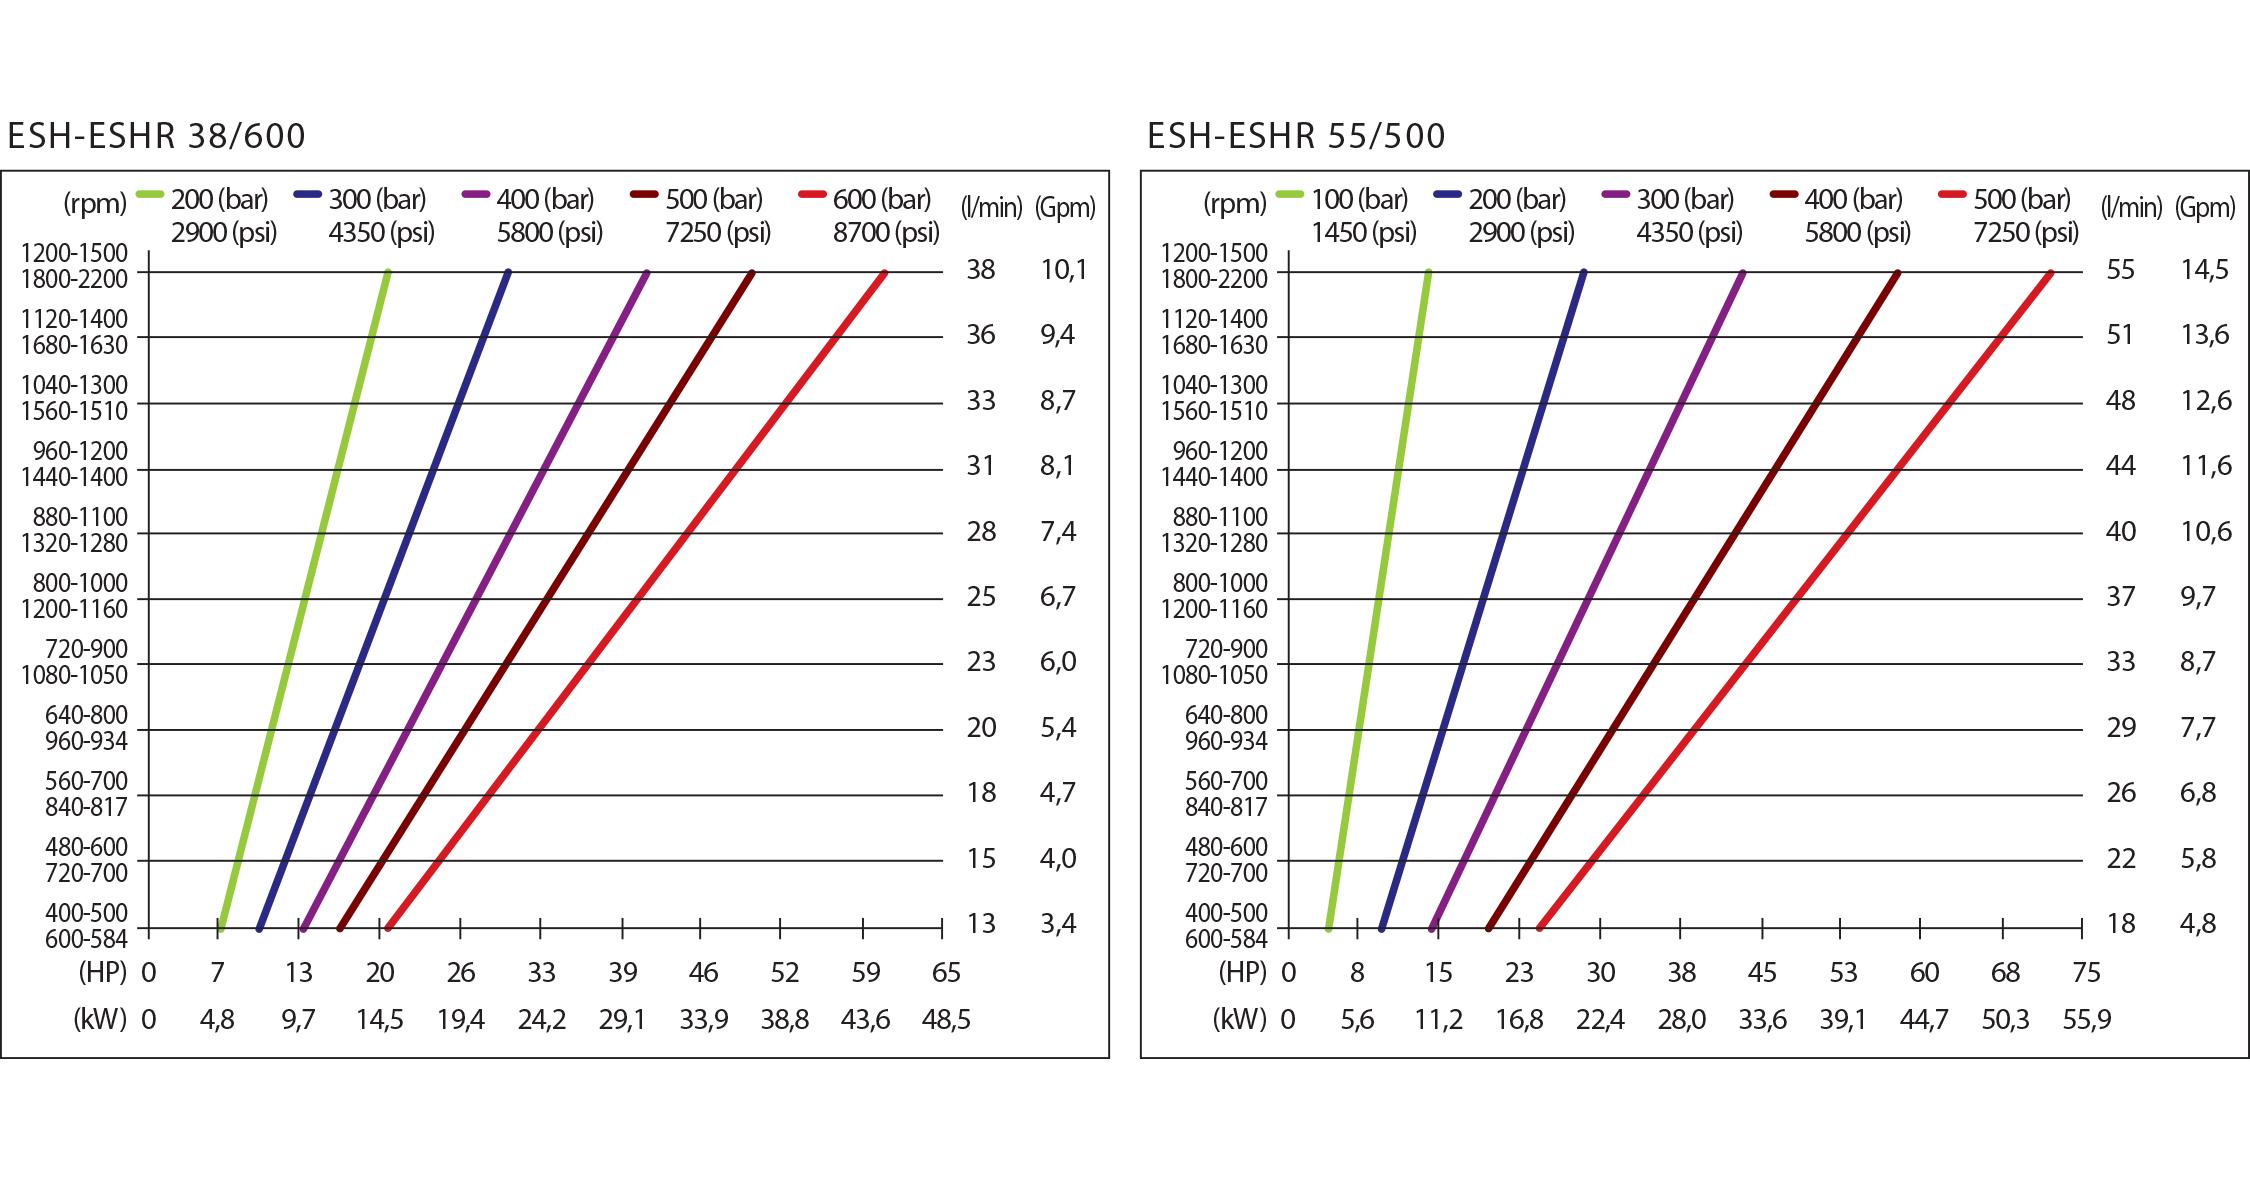 chart esh_eshr hpp